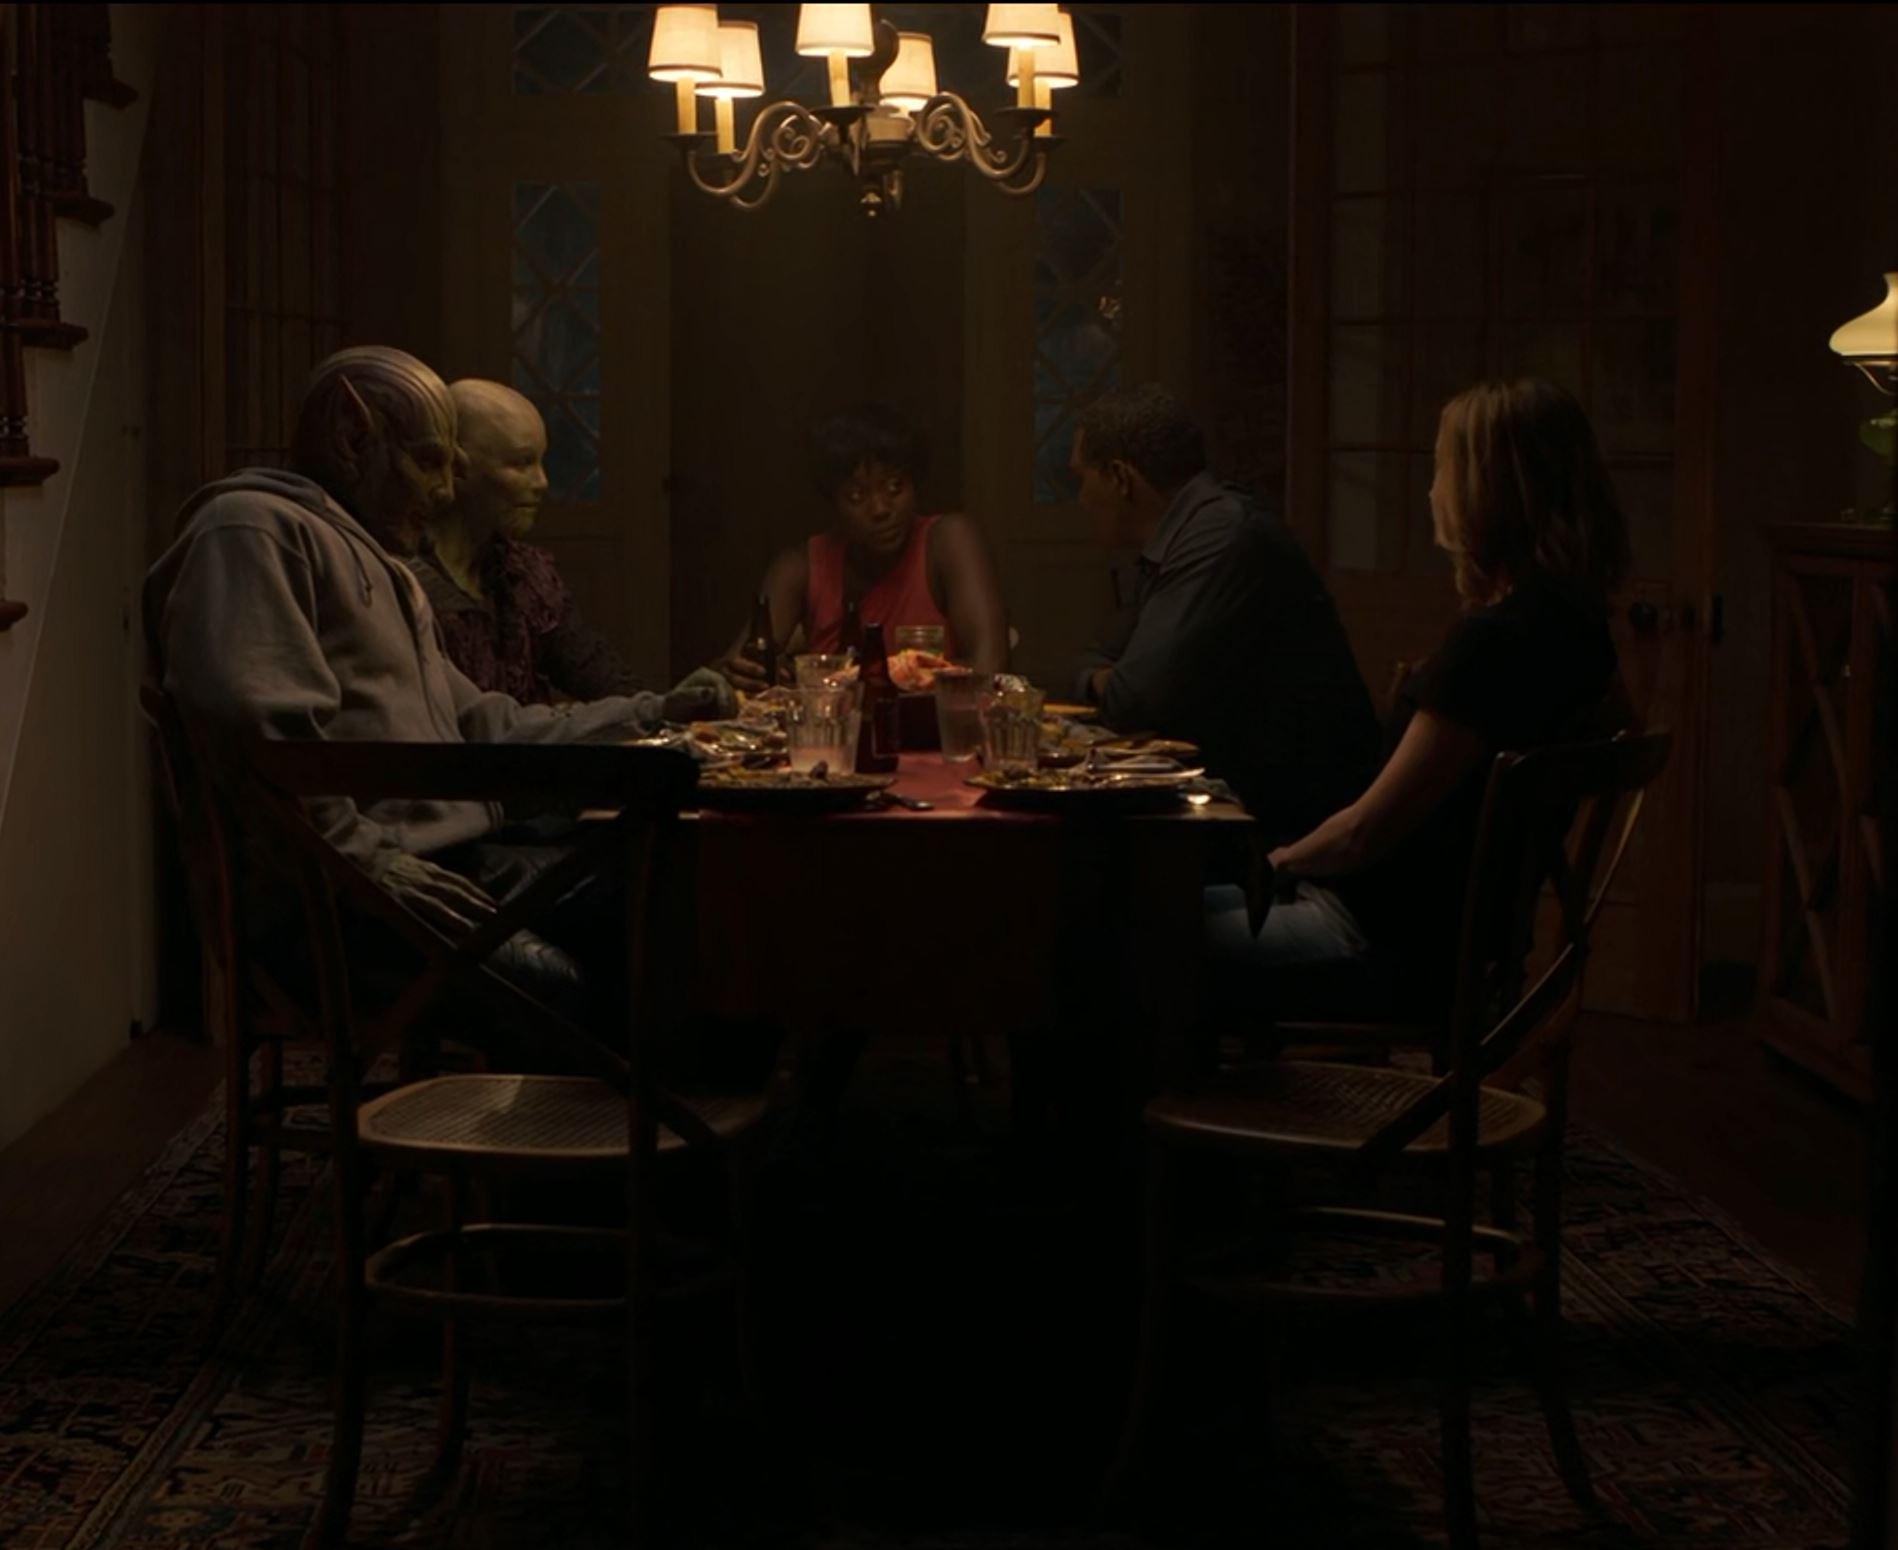 نمای میز شام پس از دفع مشکل، سه شخصیت سمت راست زمینی هستند.